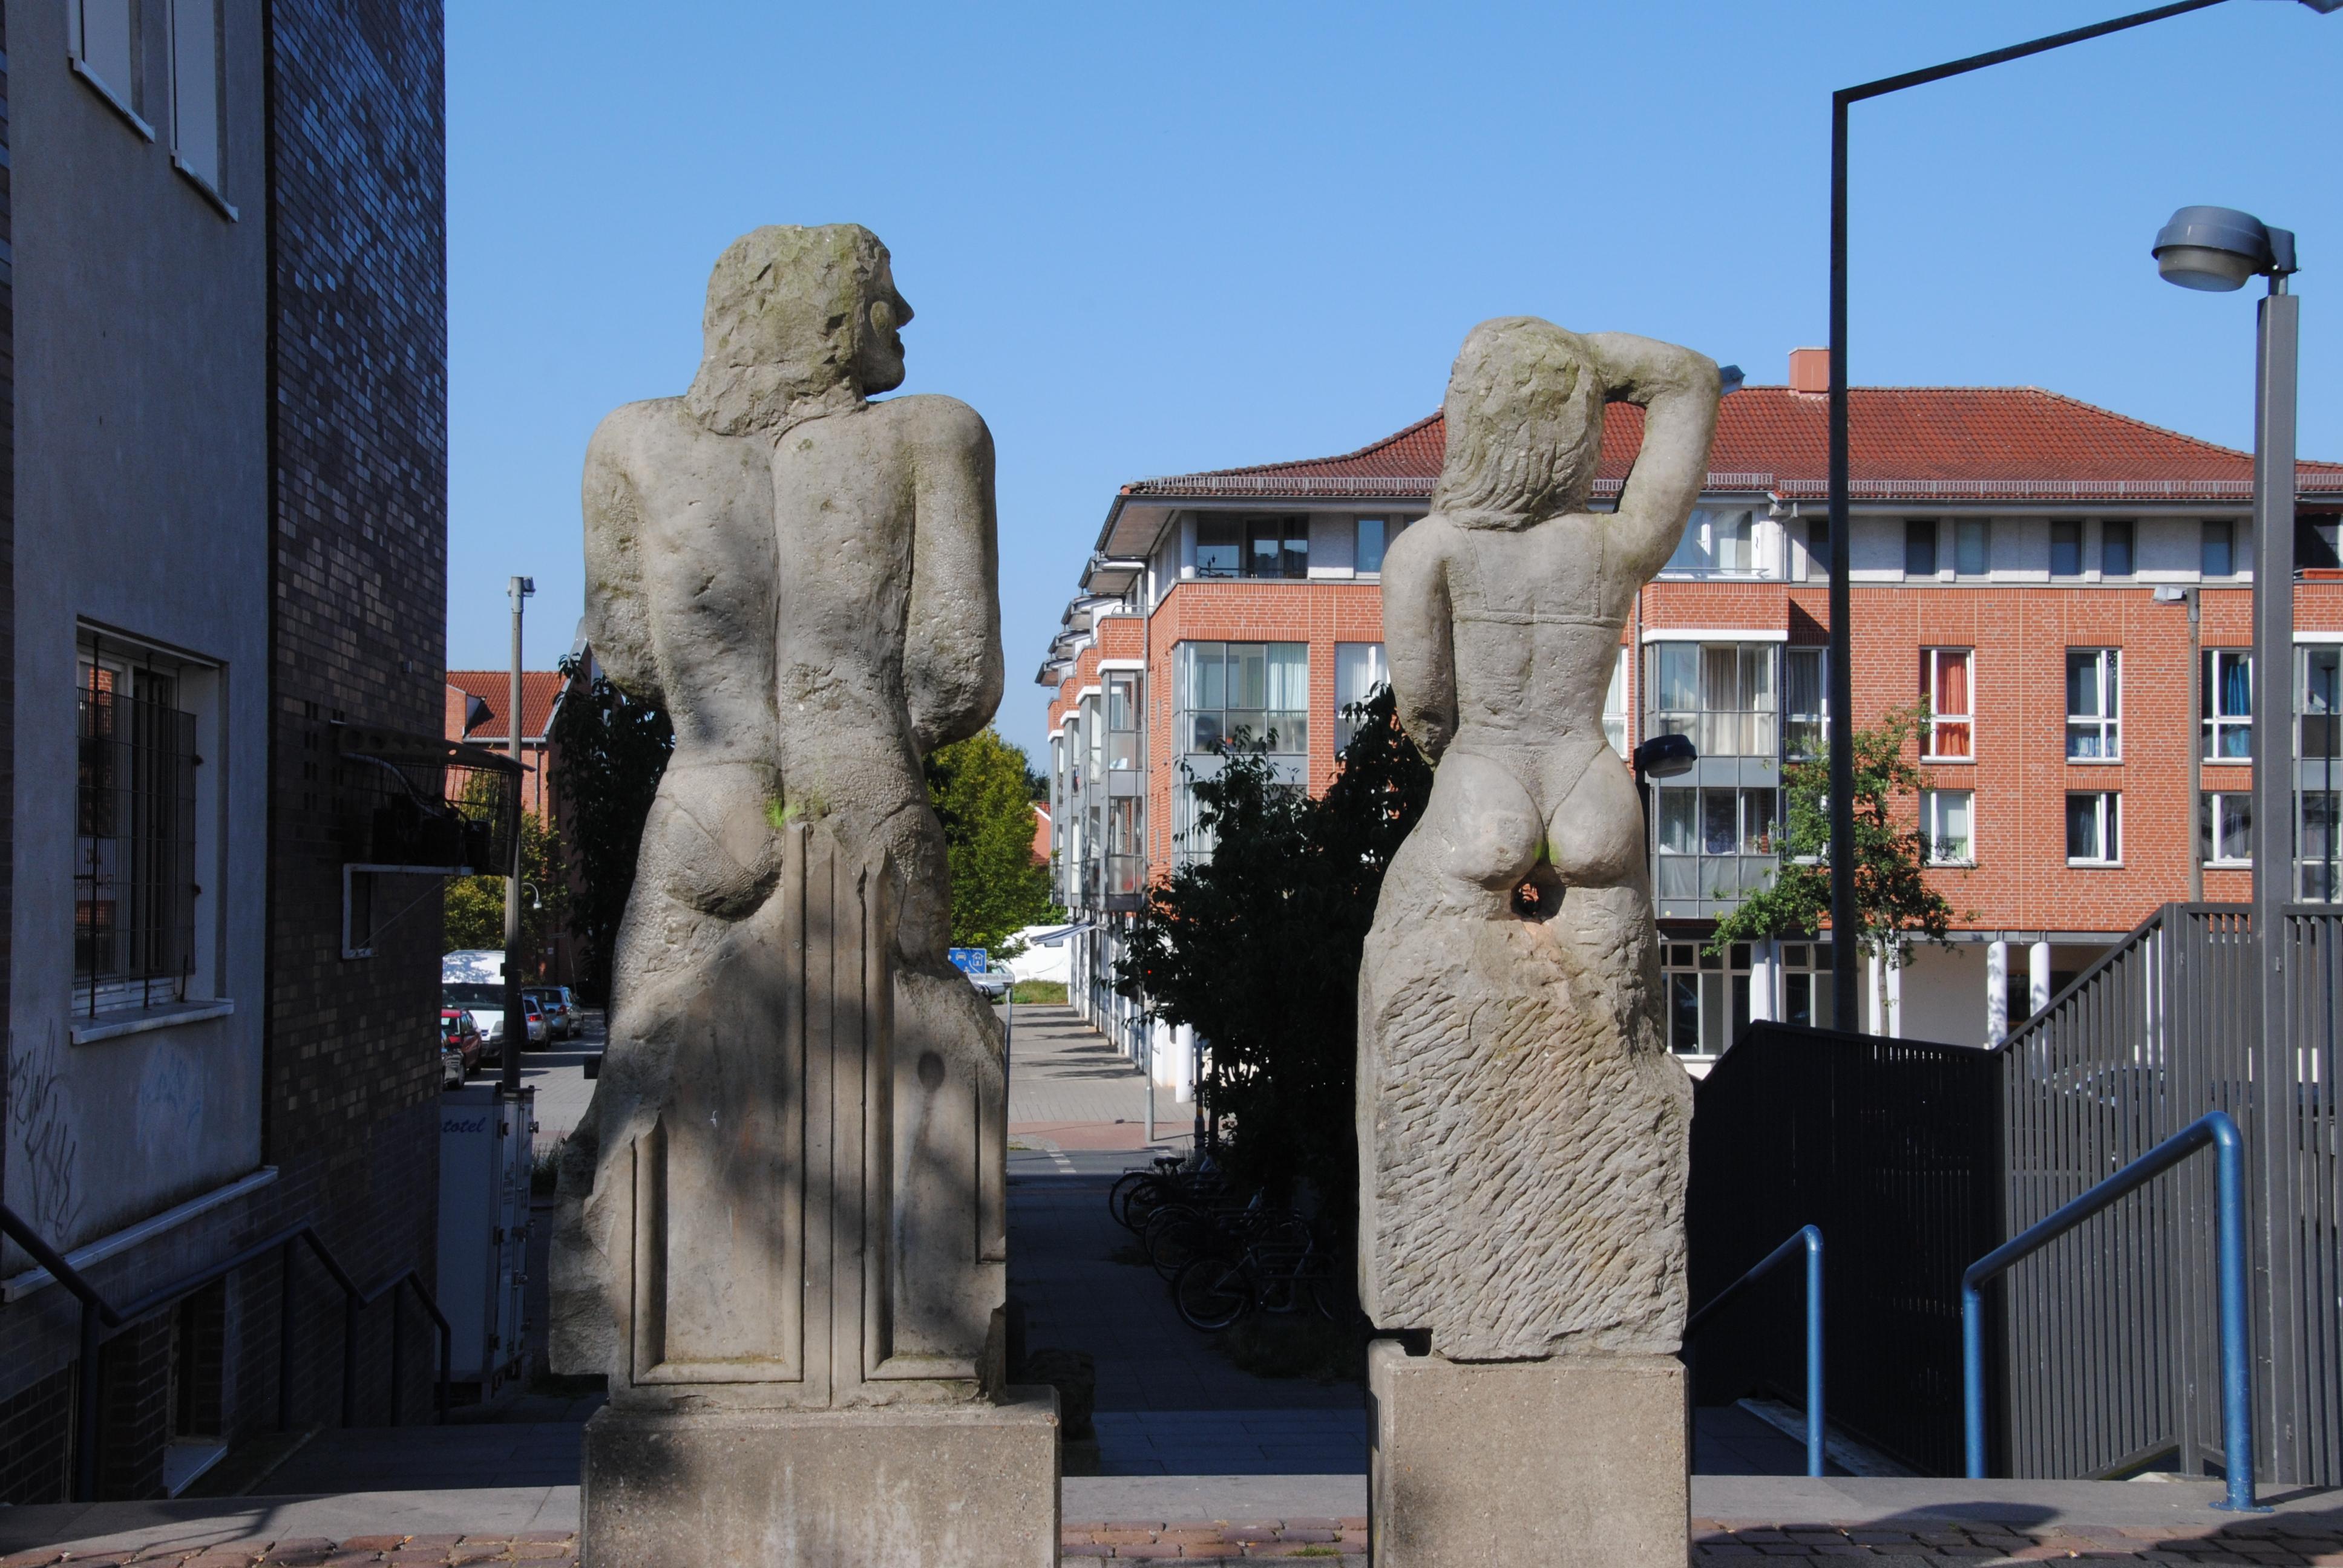 Skulpturen aus Sandstein in Lebensgröße